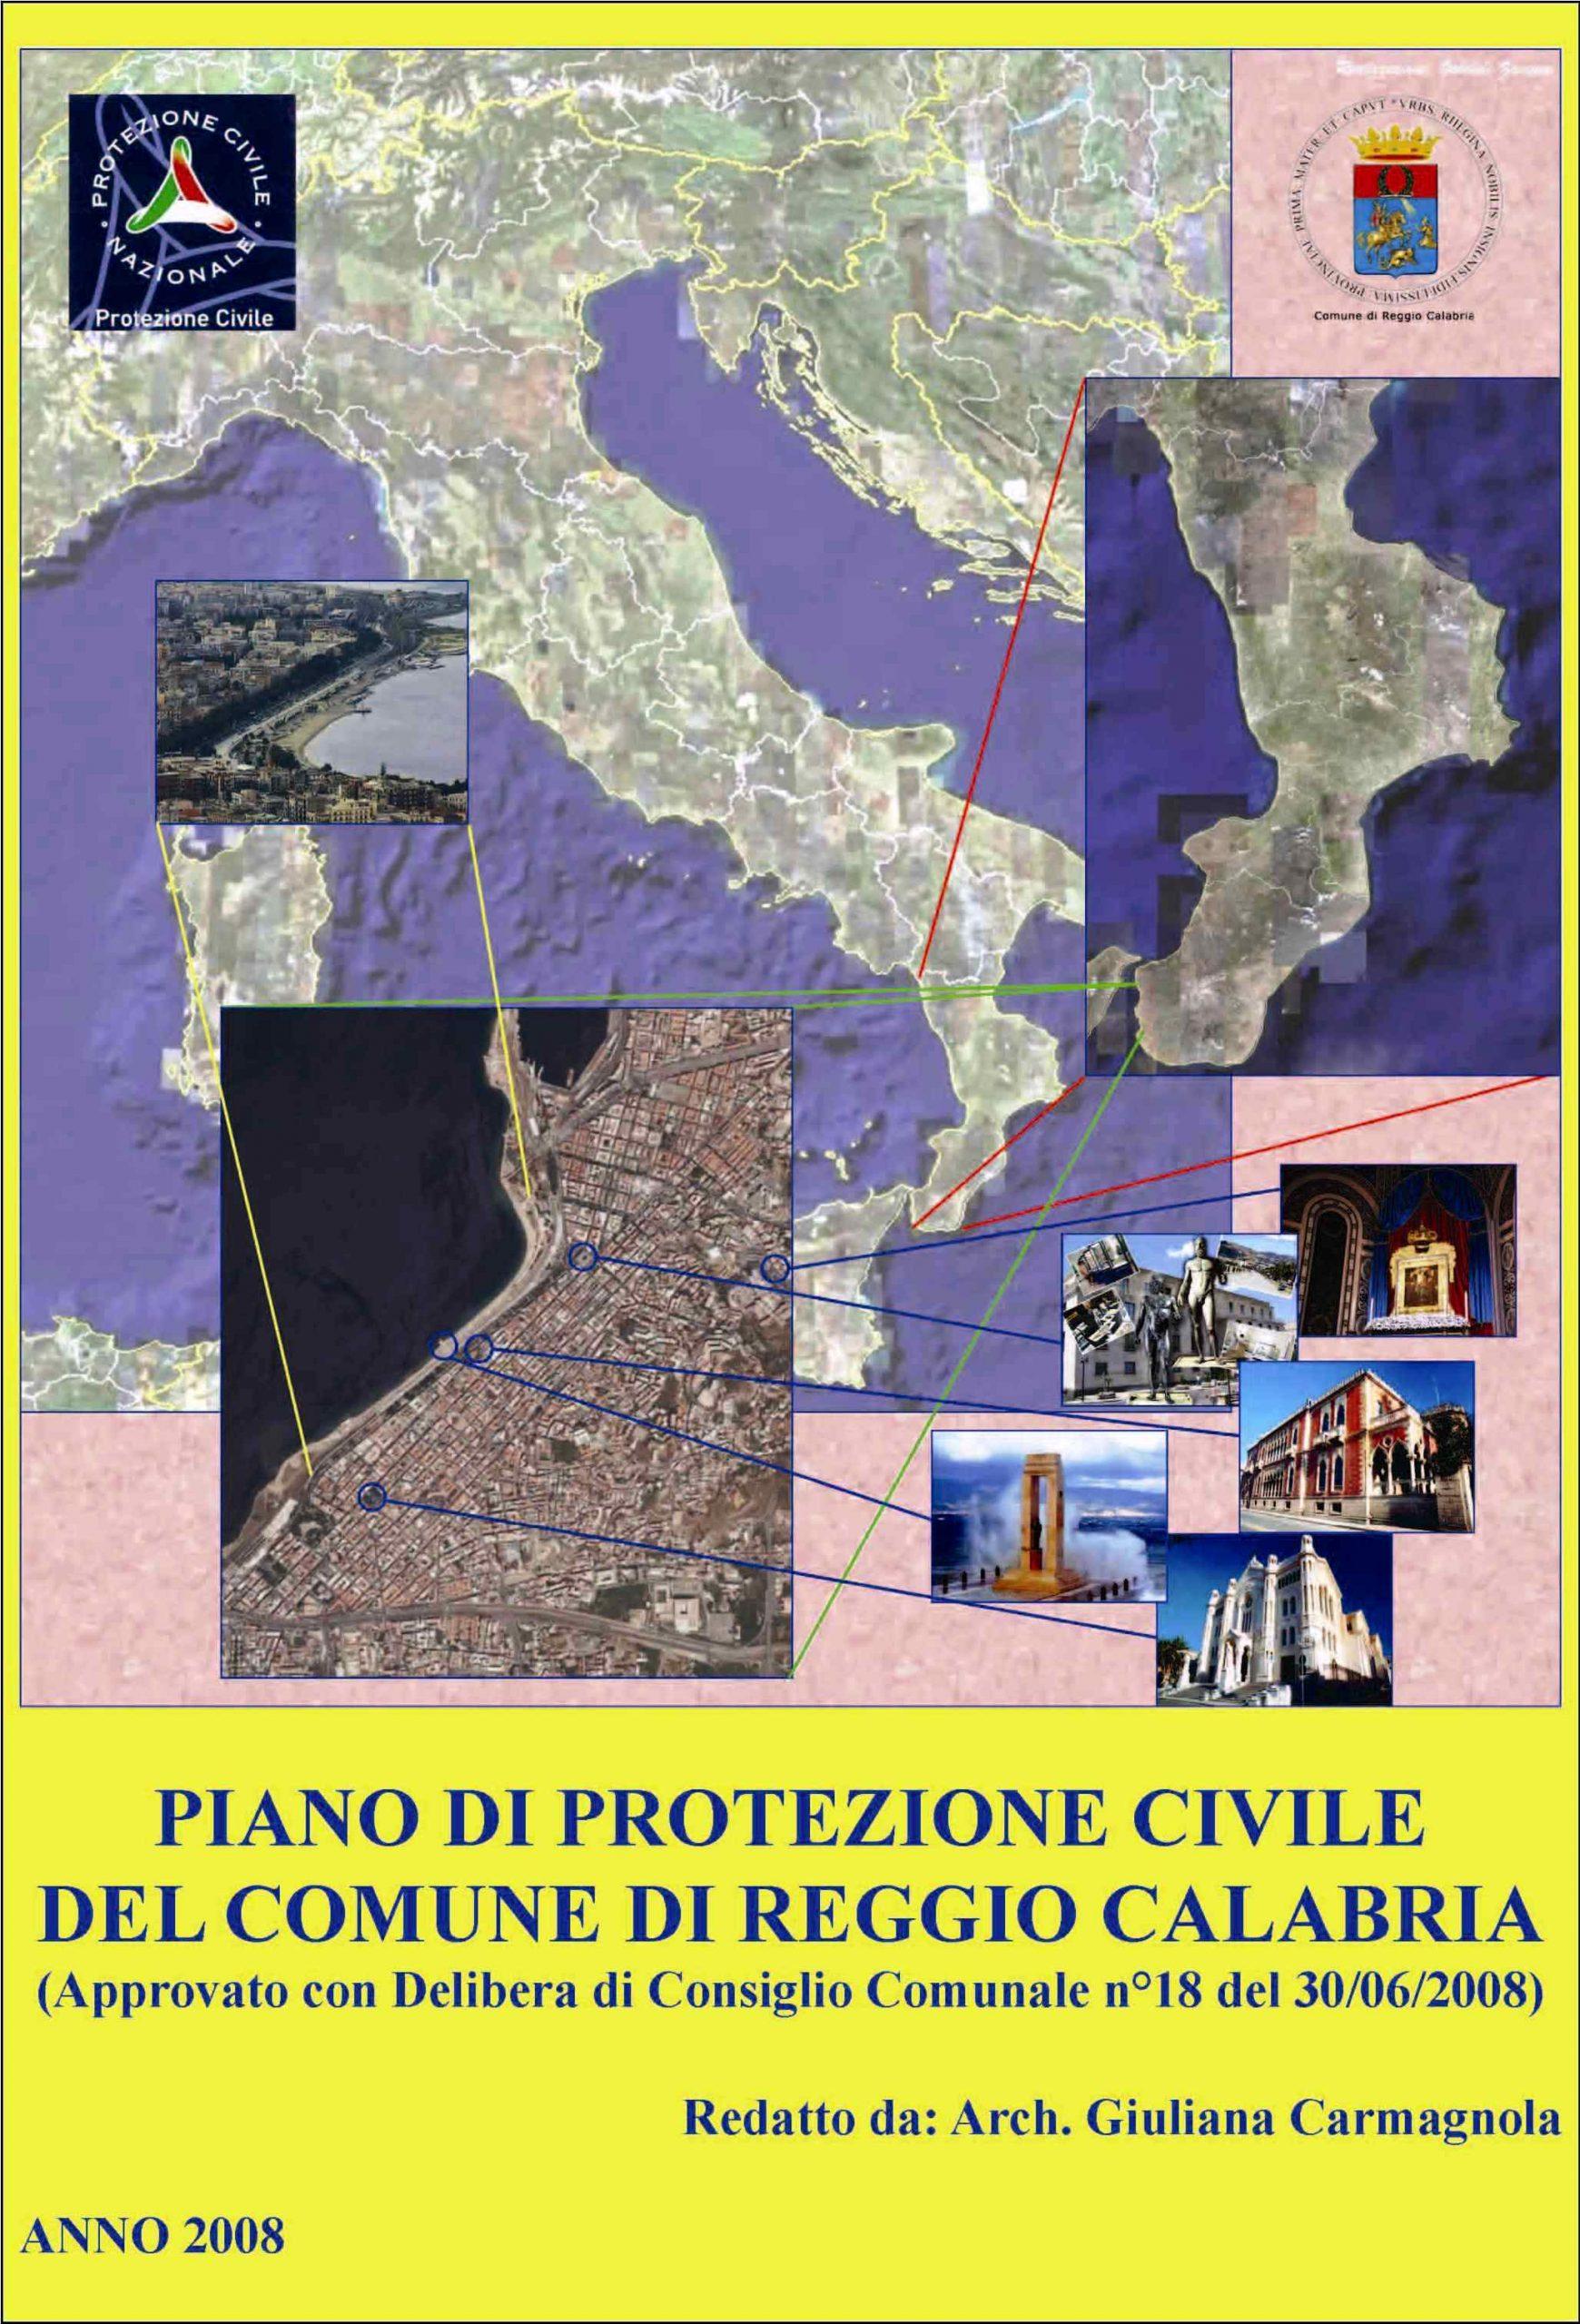 Coronavirus a Reggio Calabria, Marra: «Il sindaco convochi un tavolo tecnico sulla protezione civile»